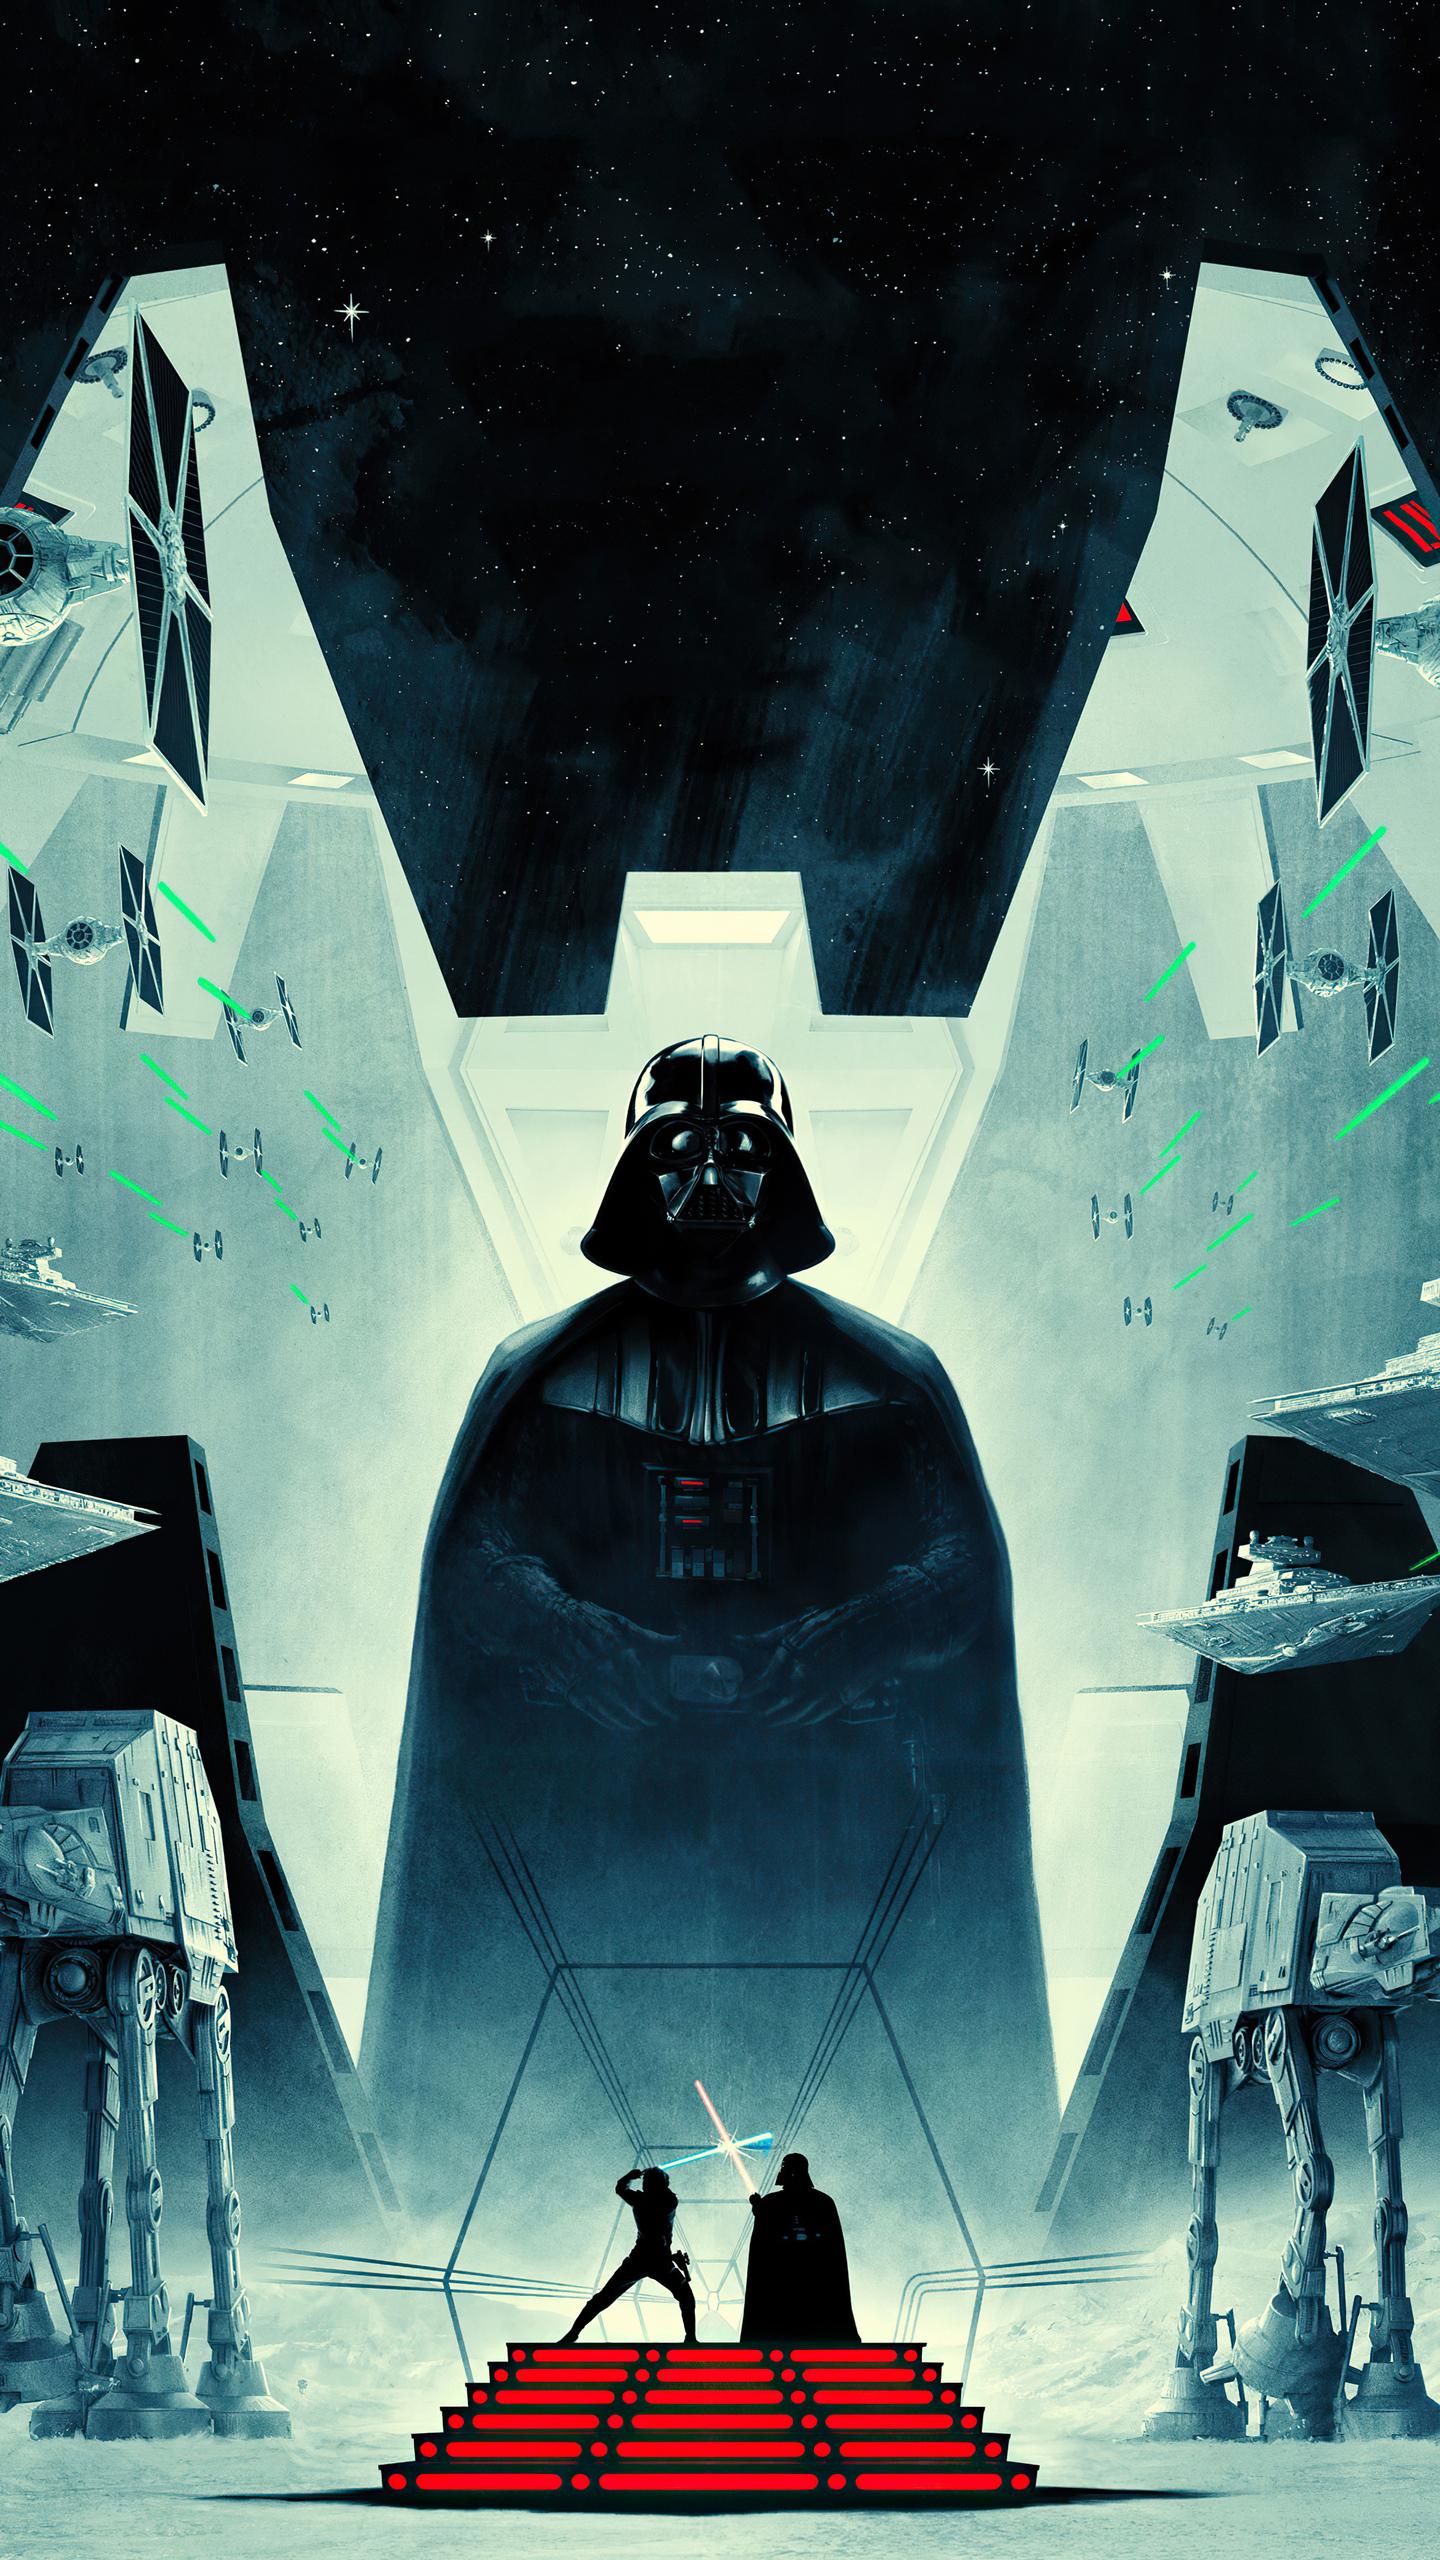 star-wars-rey-kylo-ren-darth-vader-poster-pd.jpg